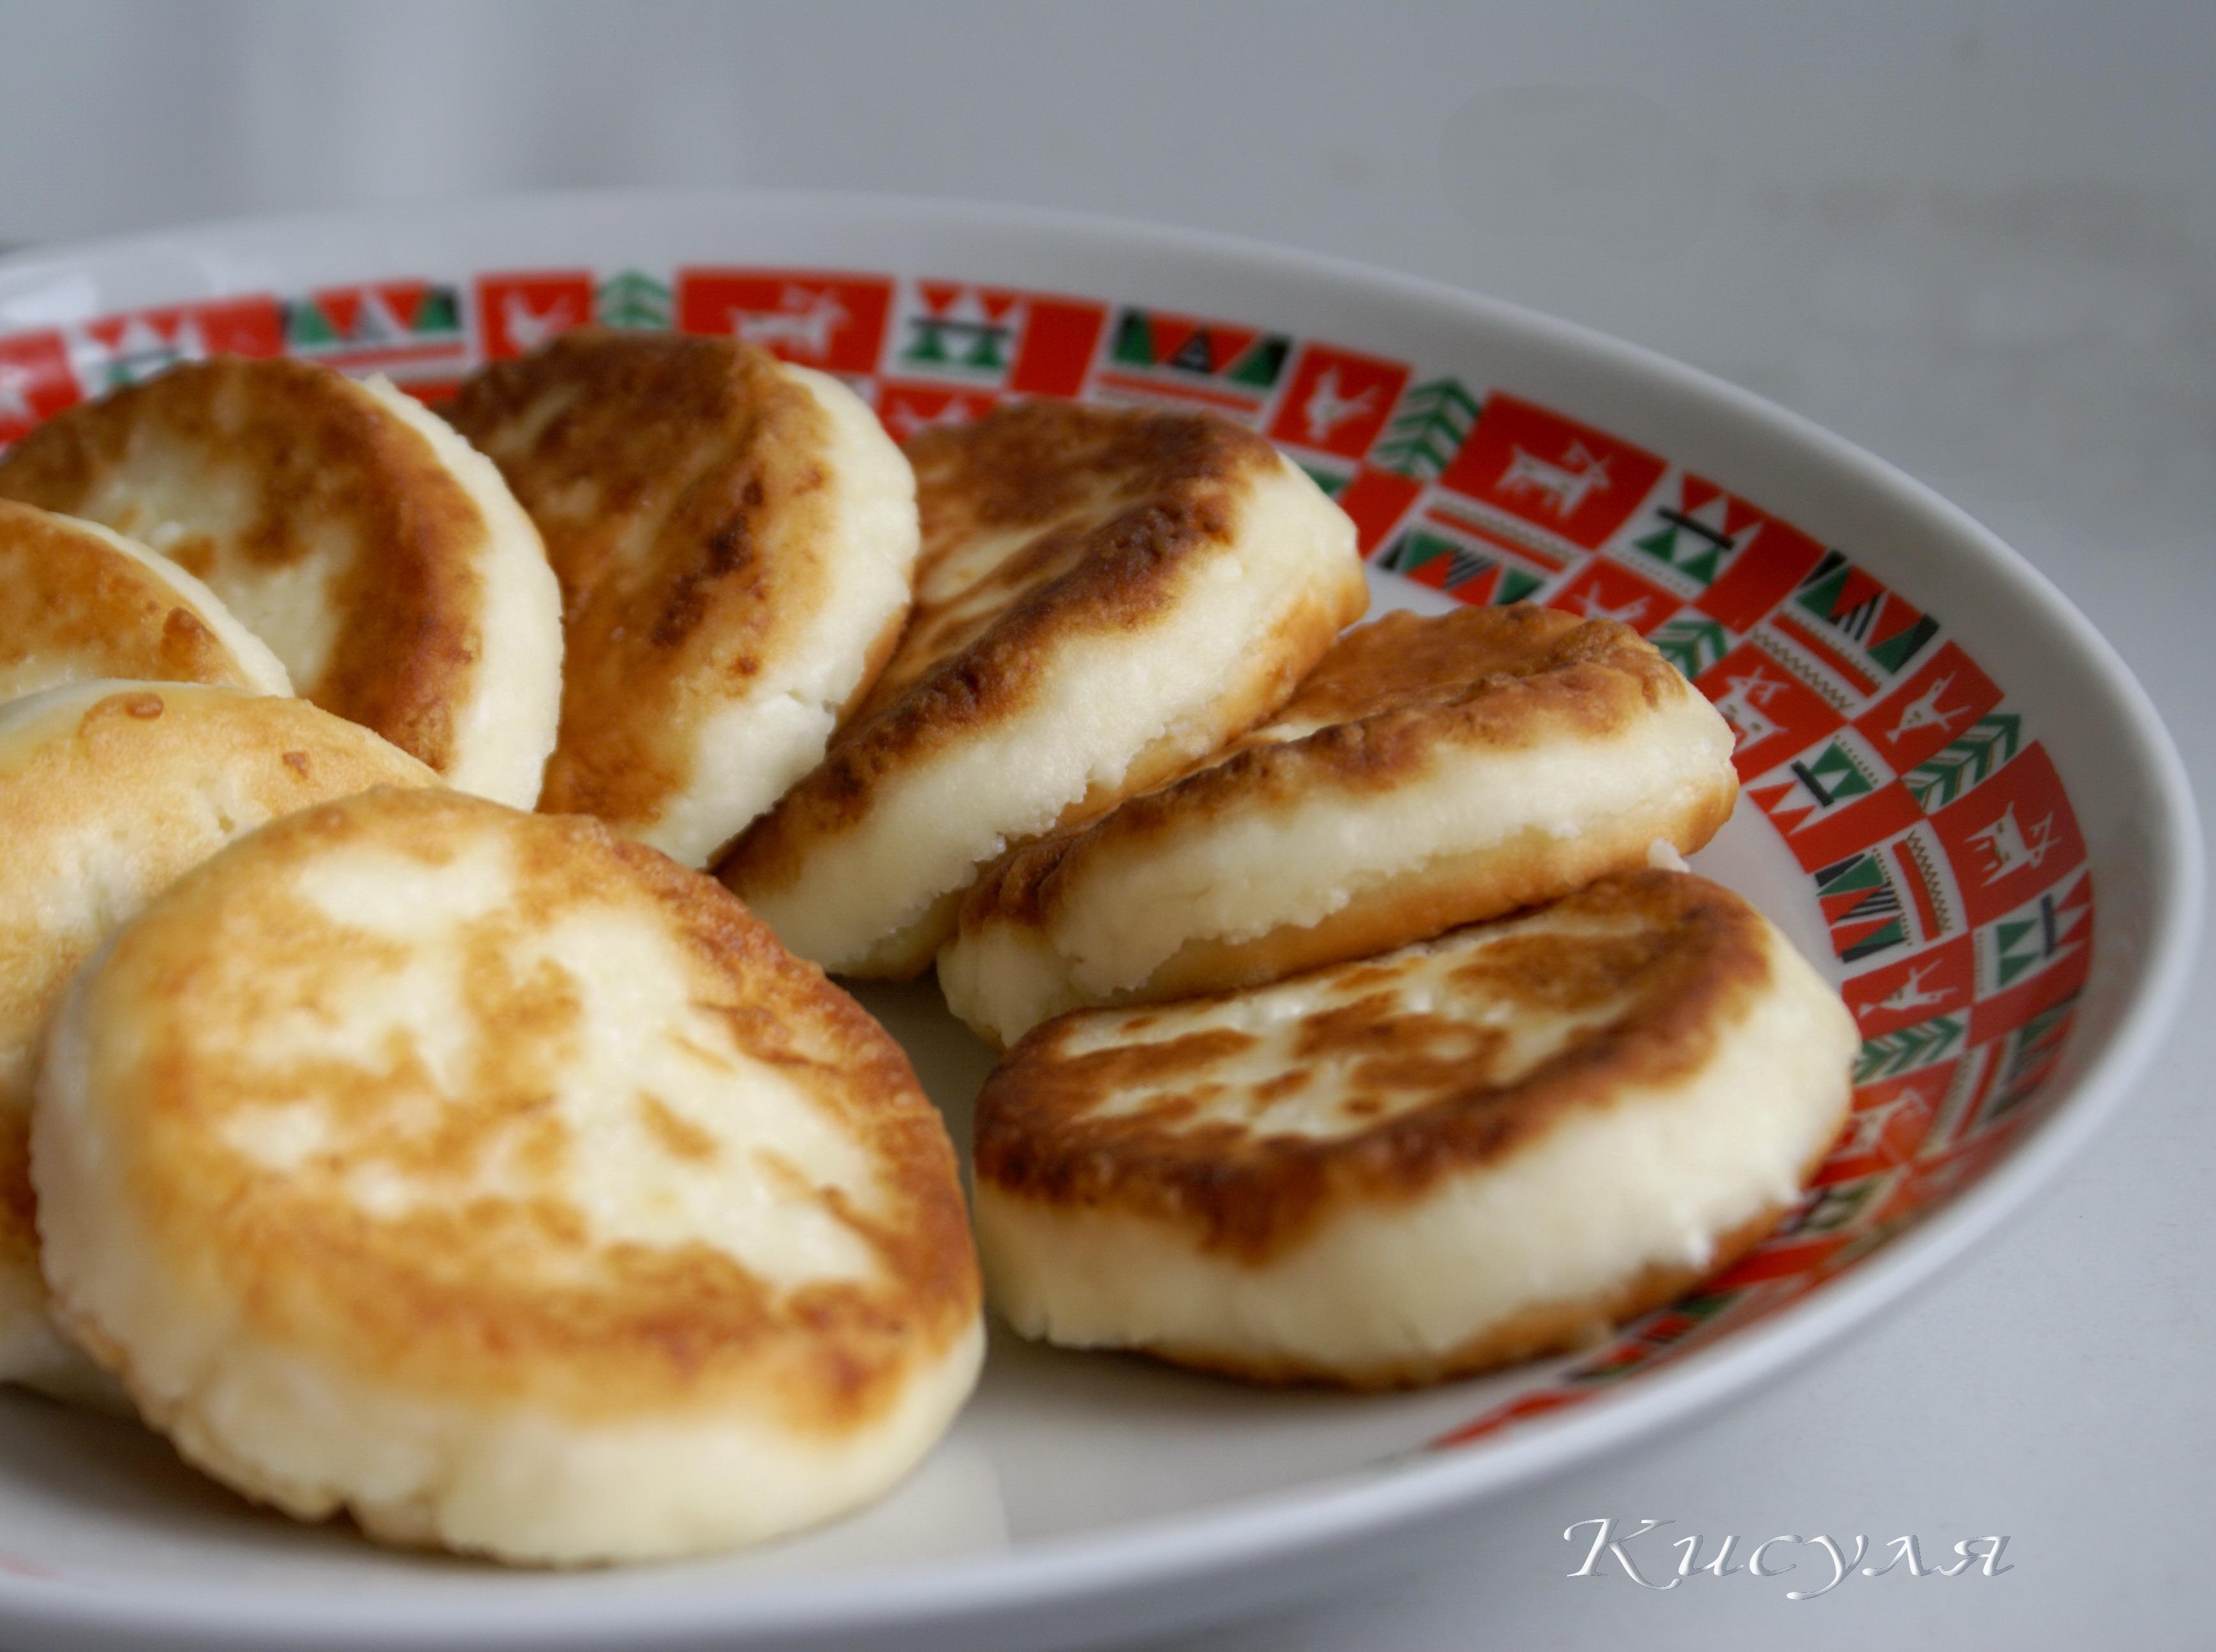 рецепты сырников без сахара и пшеничной муки для диабетиков